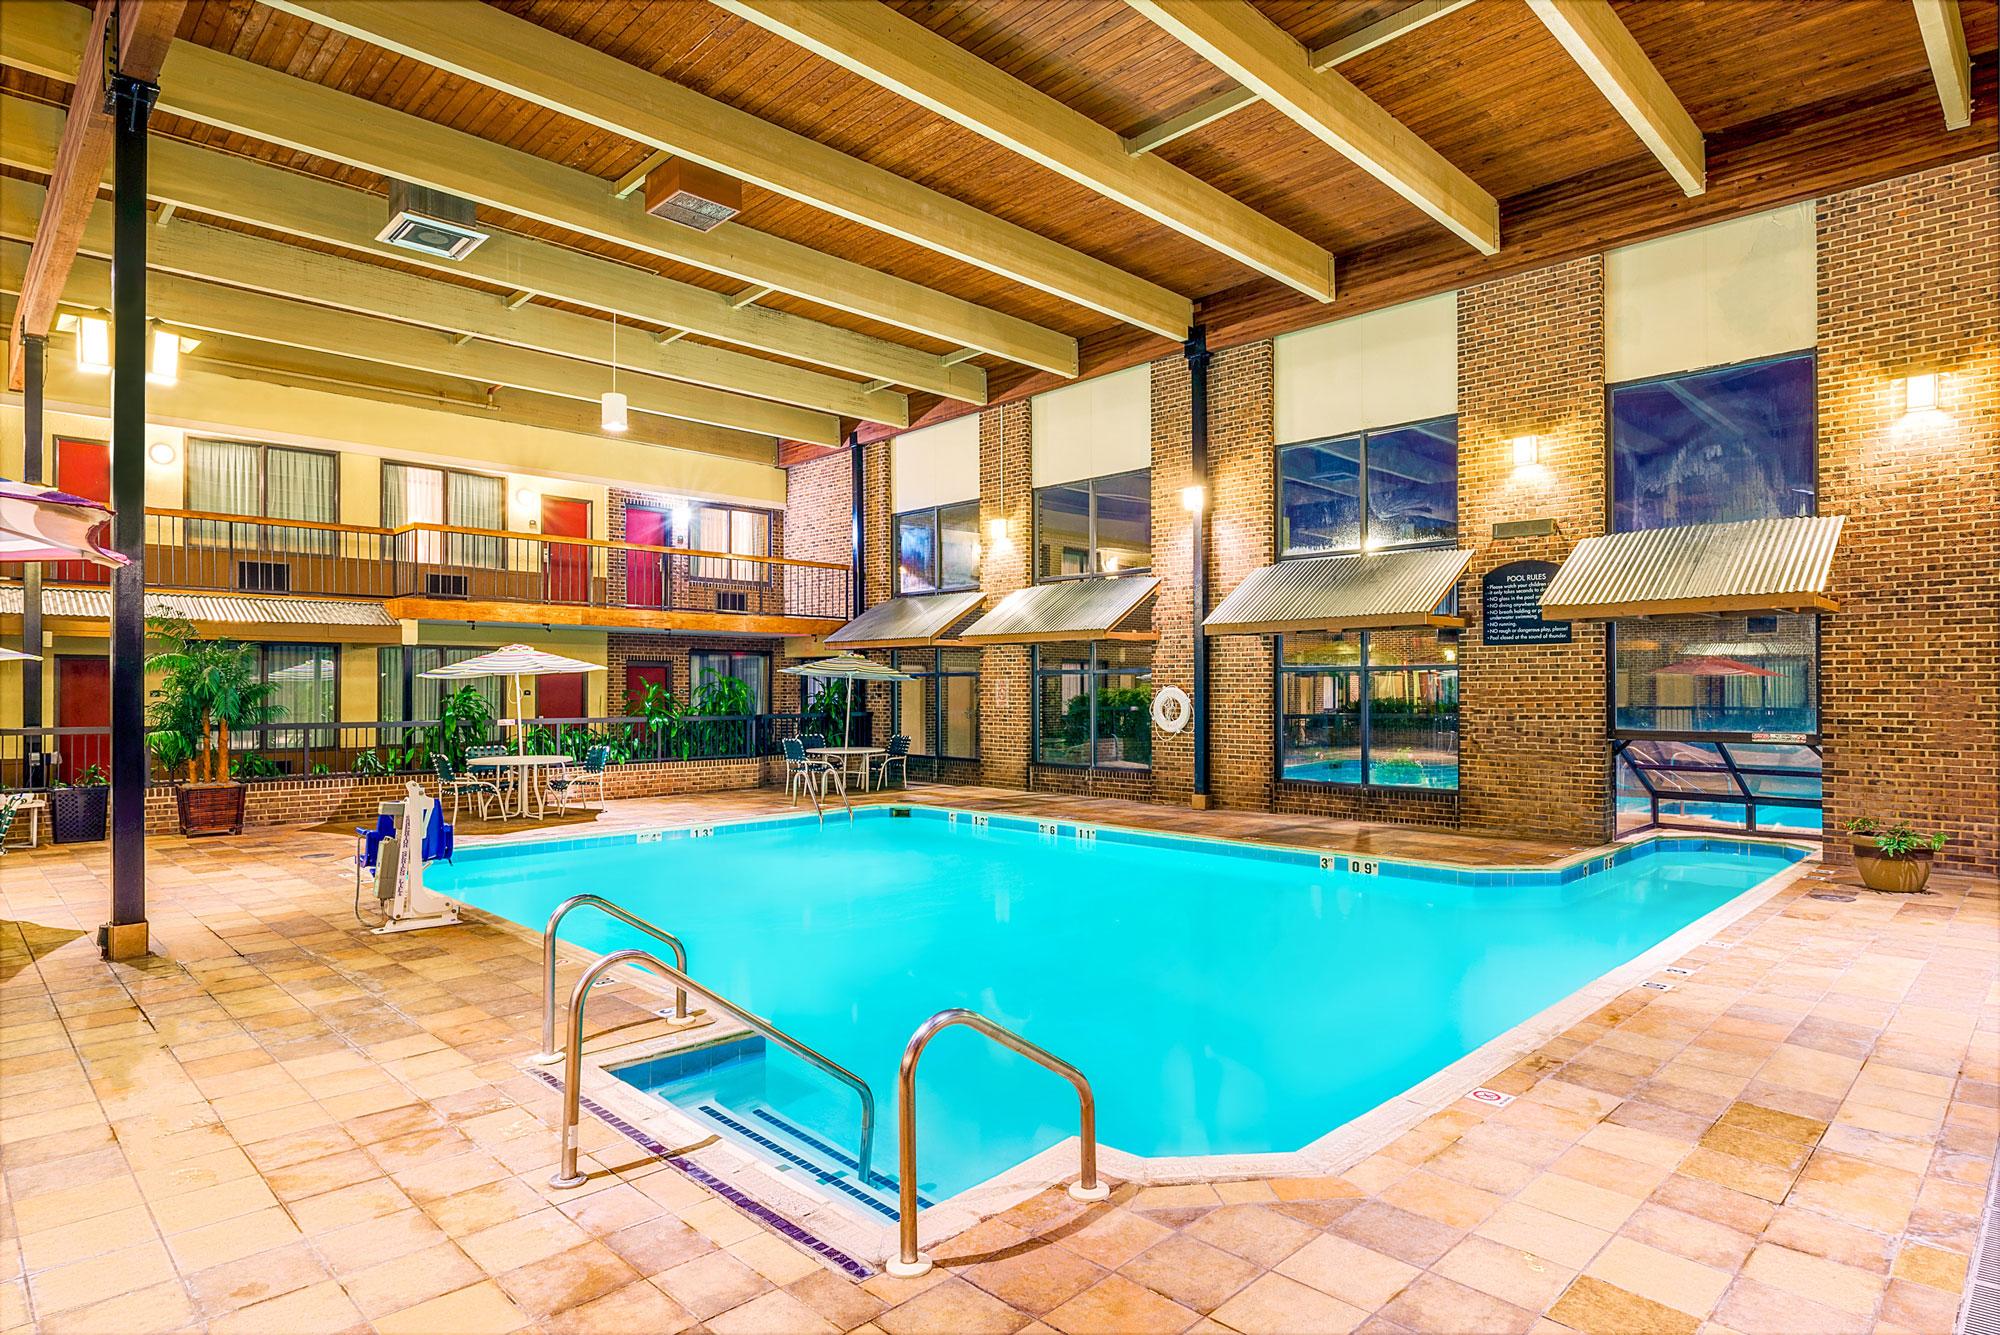 wyndham york hotel pool